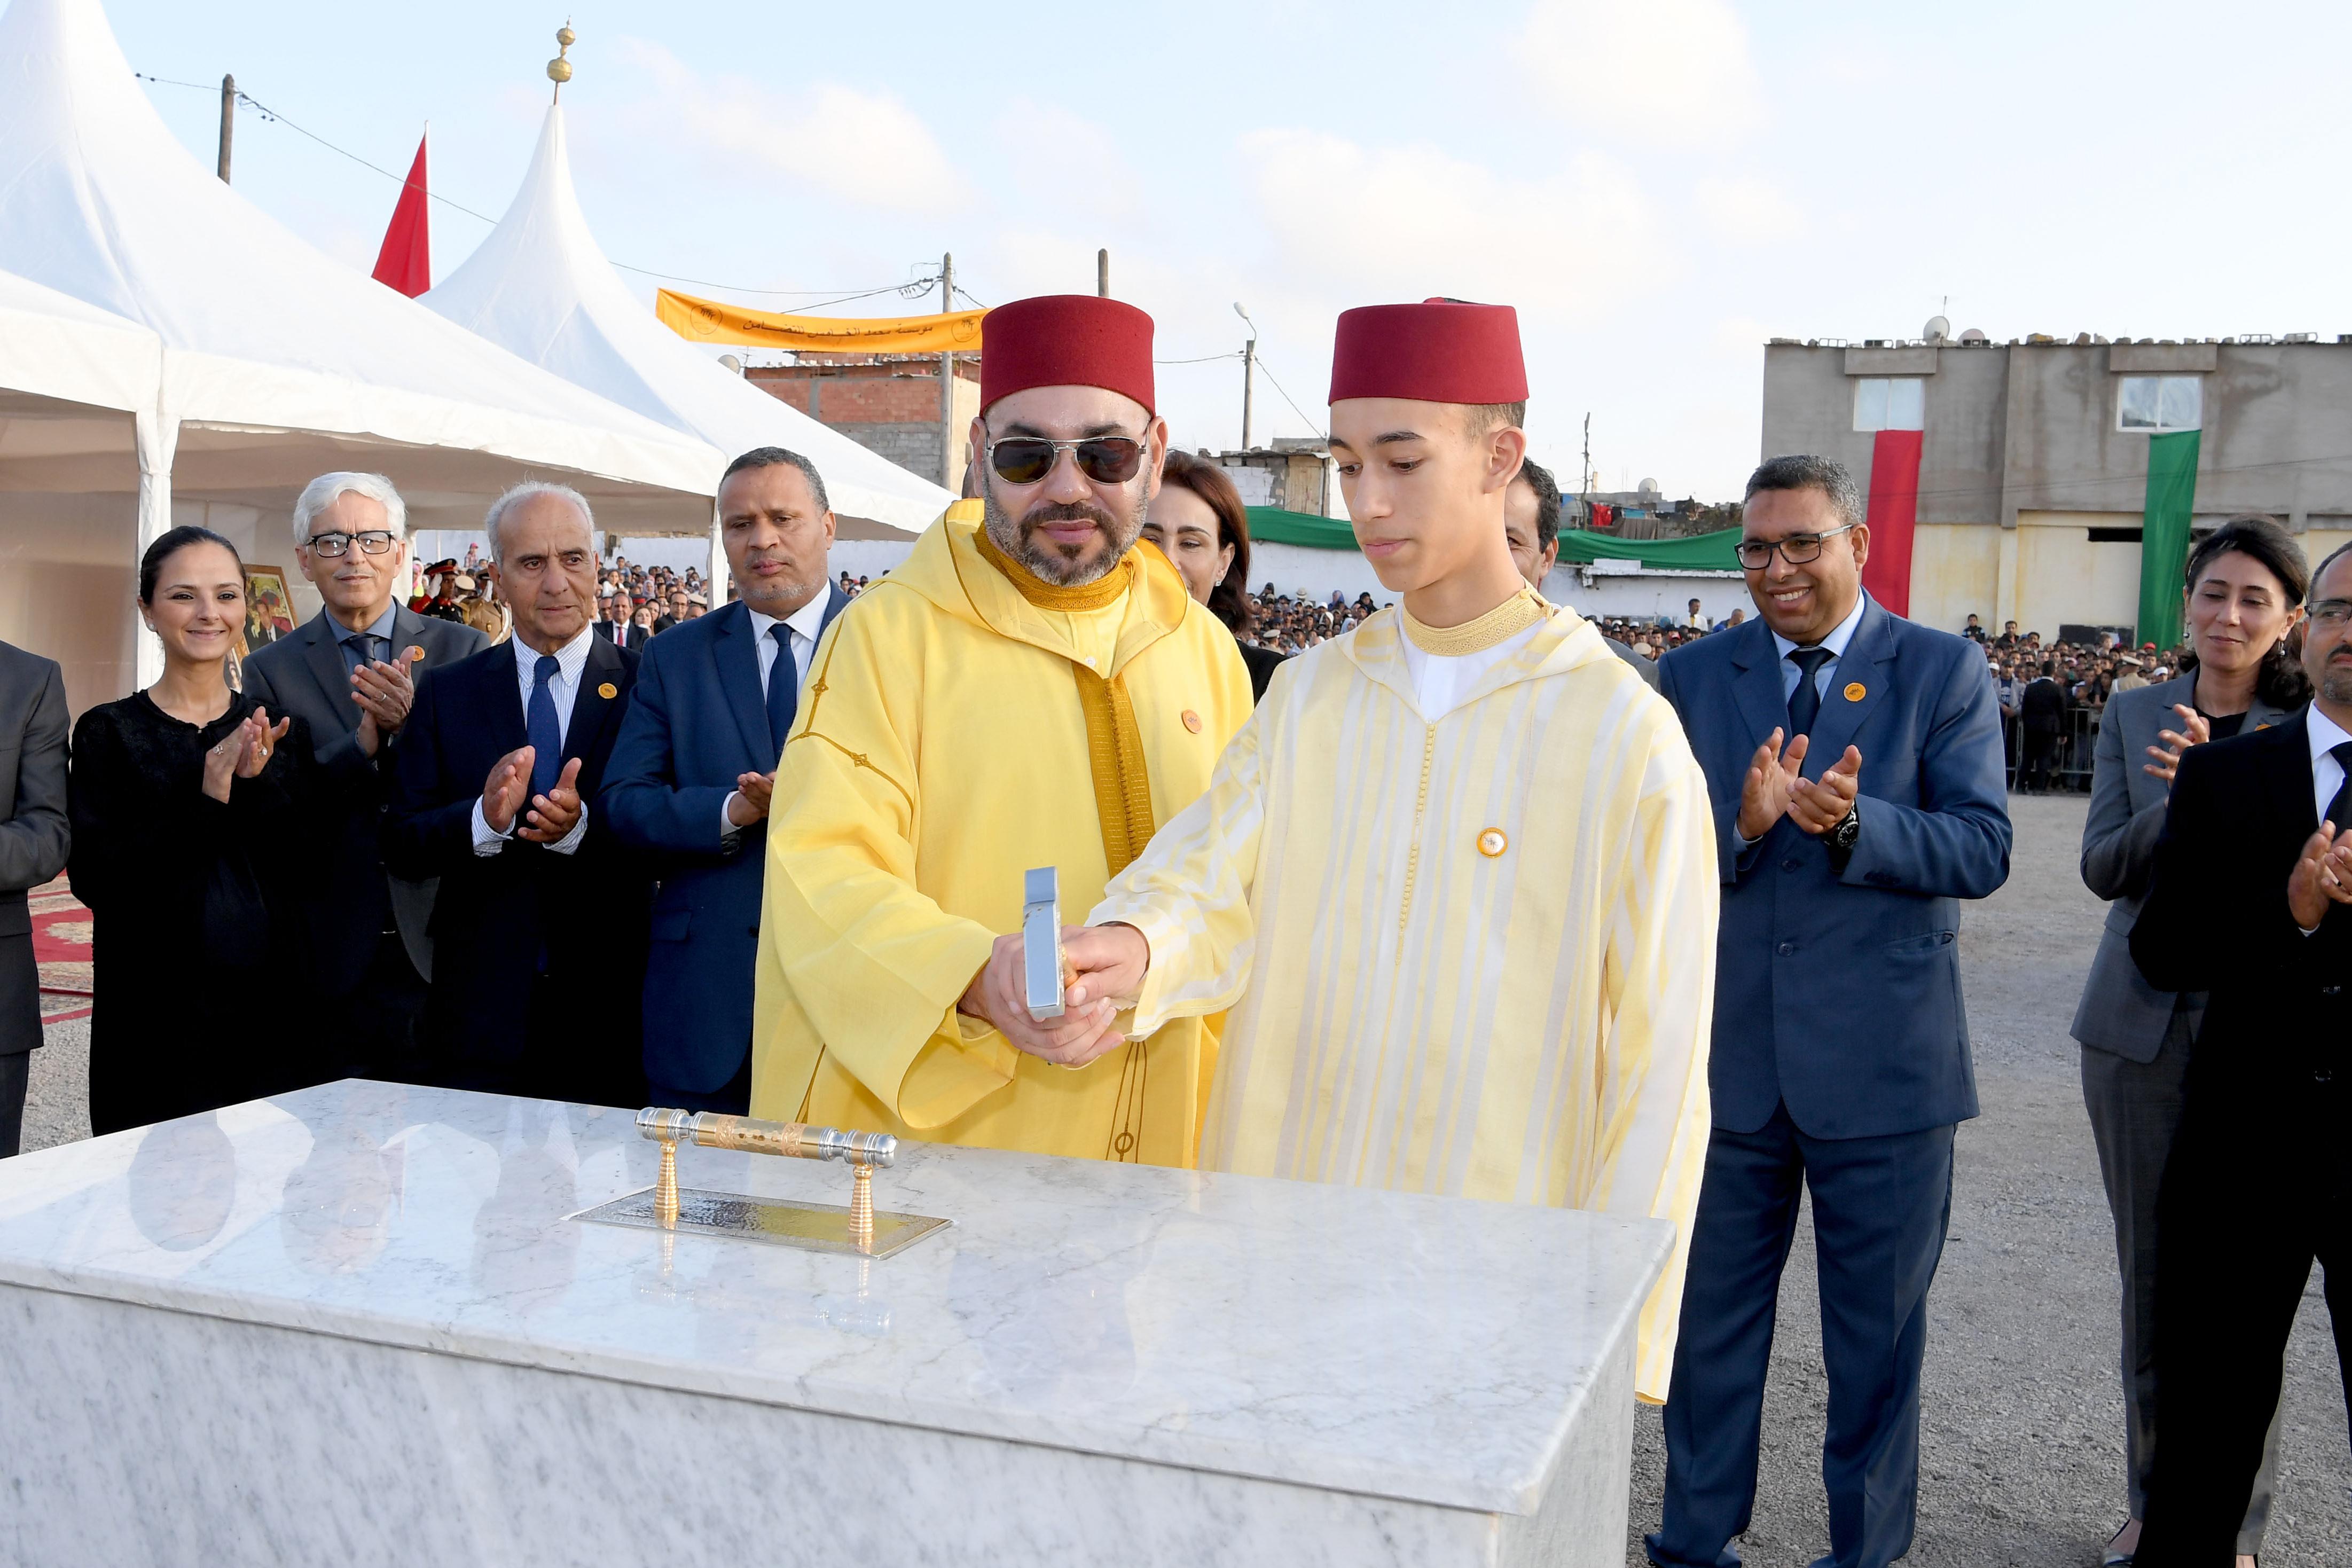 جلالة الملك يعطي الانطلاقة لإنجاز ثلاثة مشاريع تضامنية لفائدة النساء والشباب